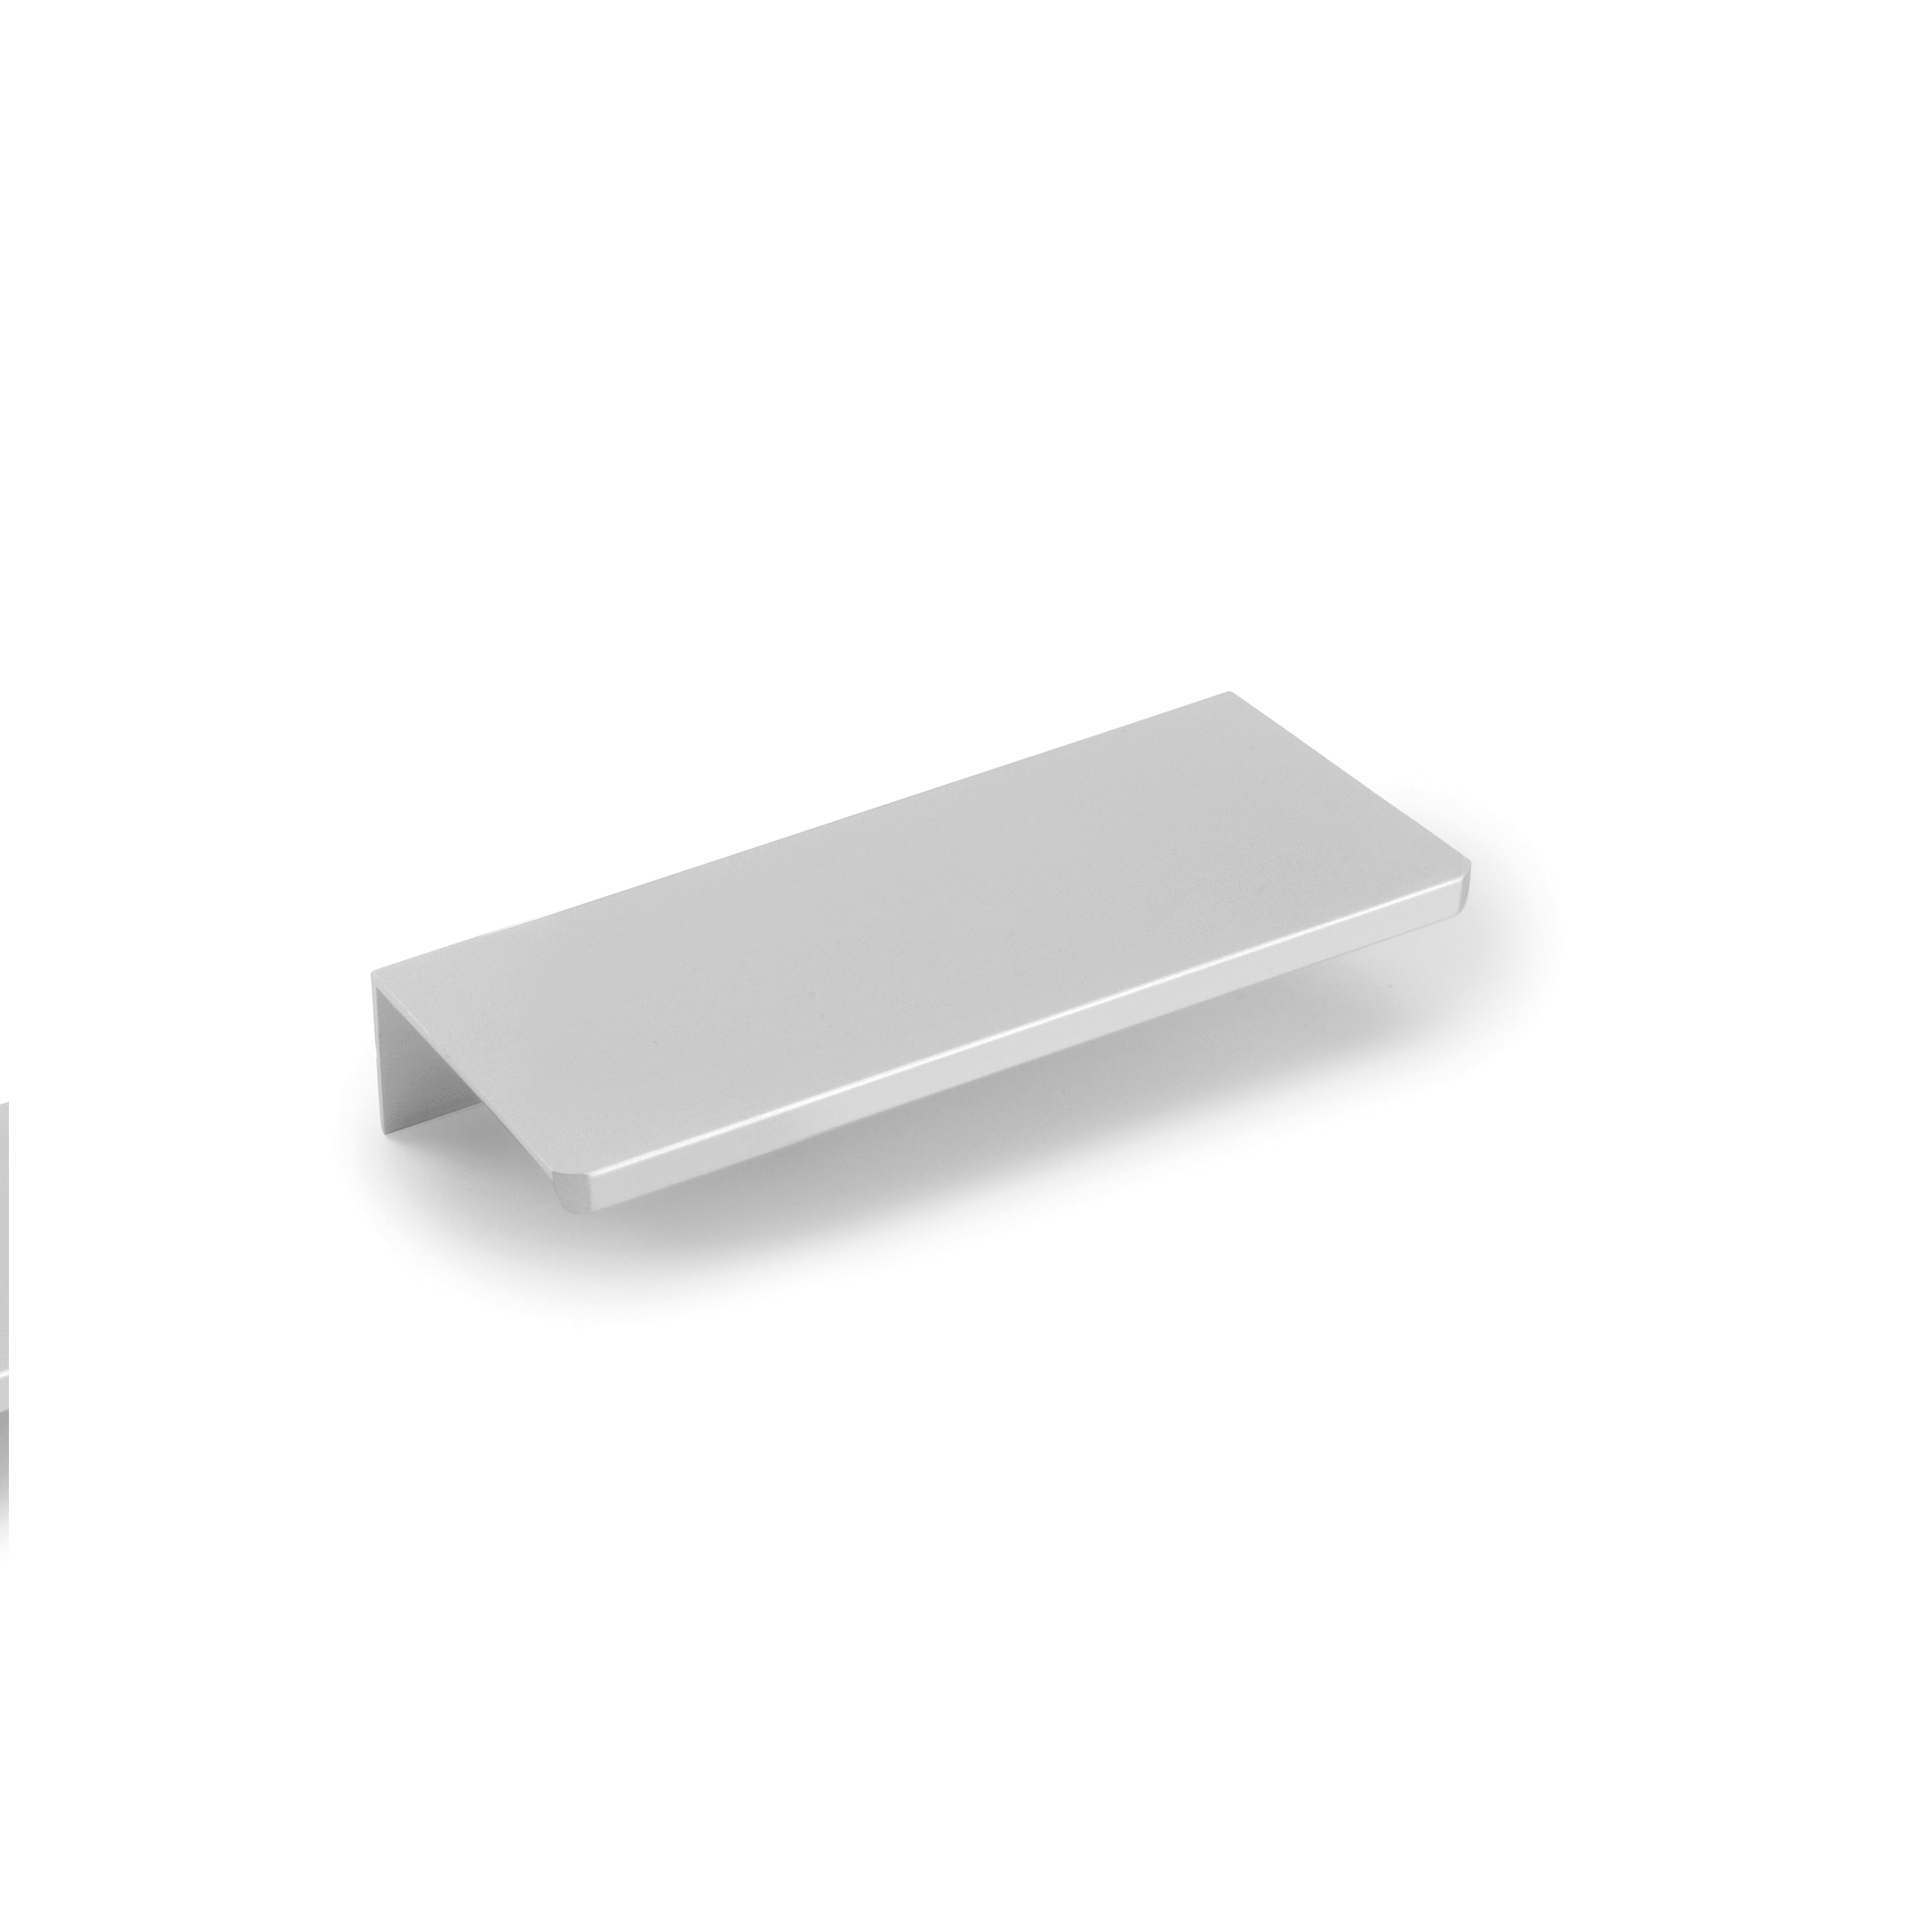 Emuca Maniglie per mobile, interasse 32 mm, Alluminio, Anodizzato opaco, 25 u.